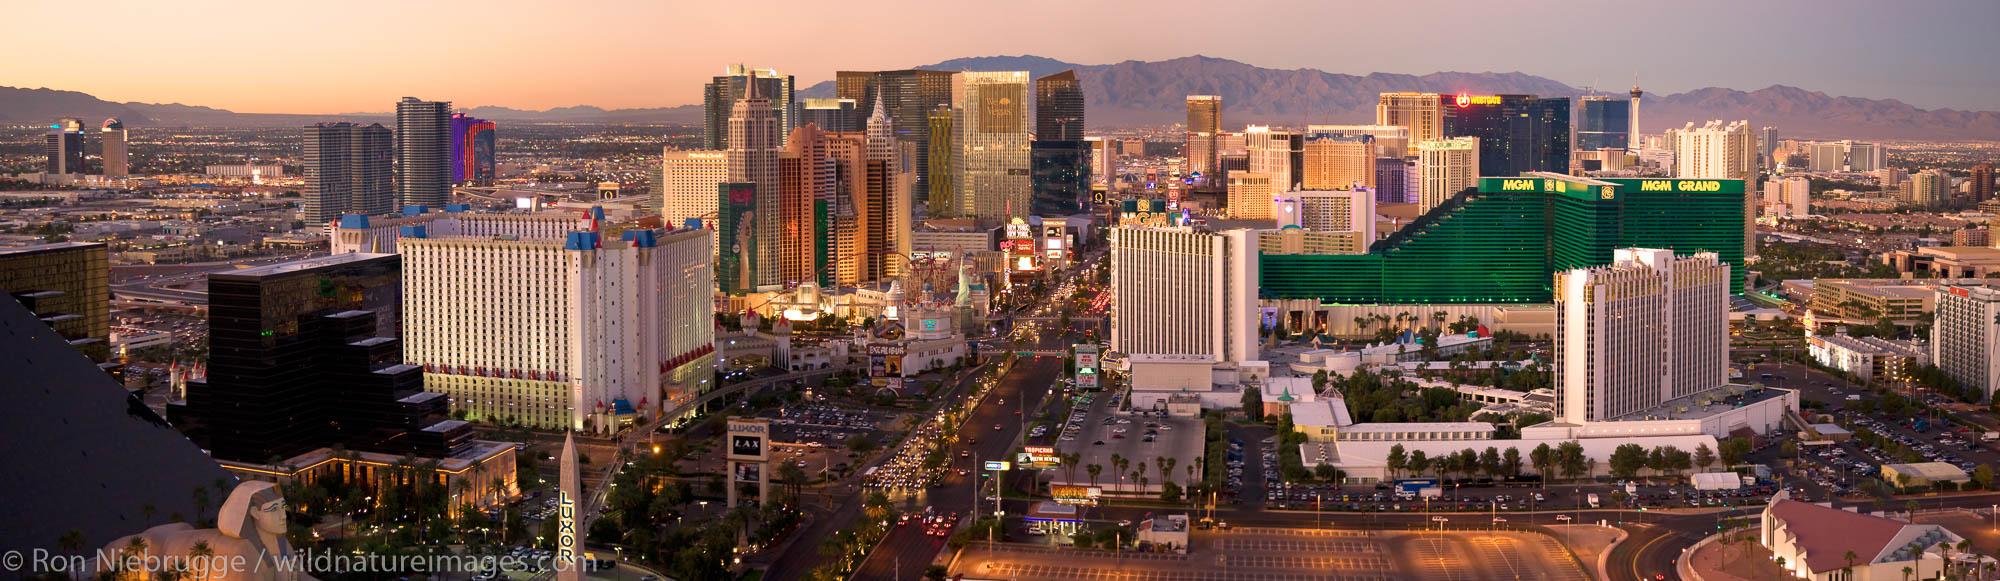 Panoramic aerial view of the Strip, Las Vegas, Nevada.